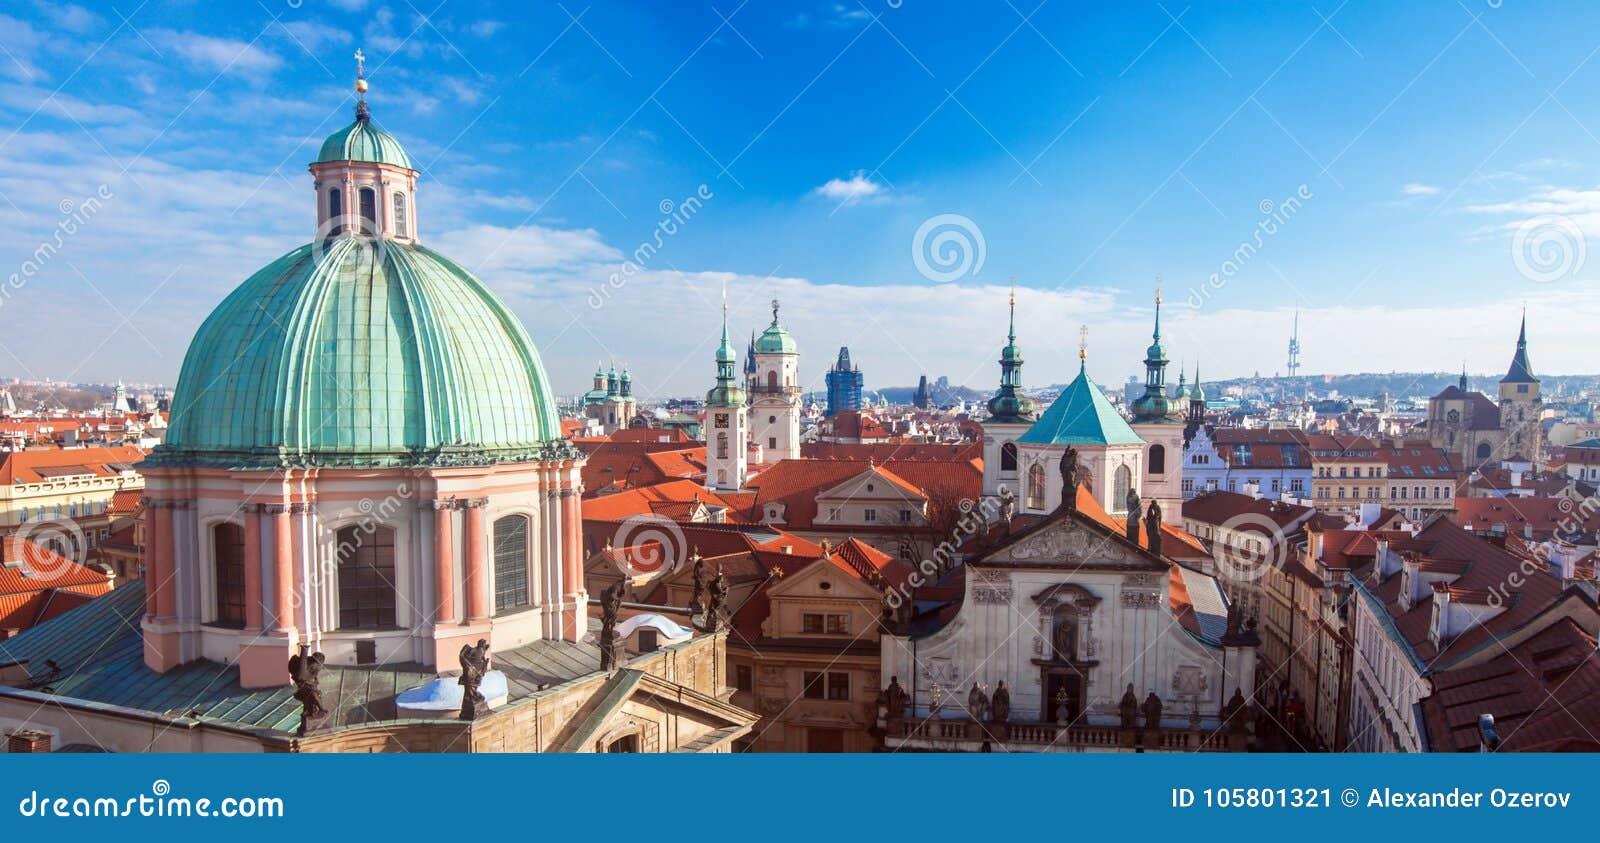 Luftaufnahme von Prag, Tschechische Republik